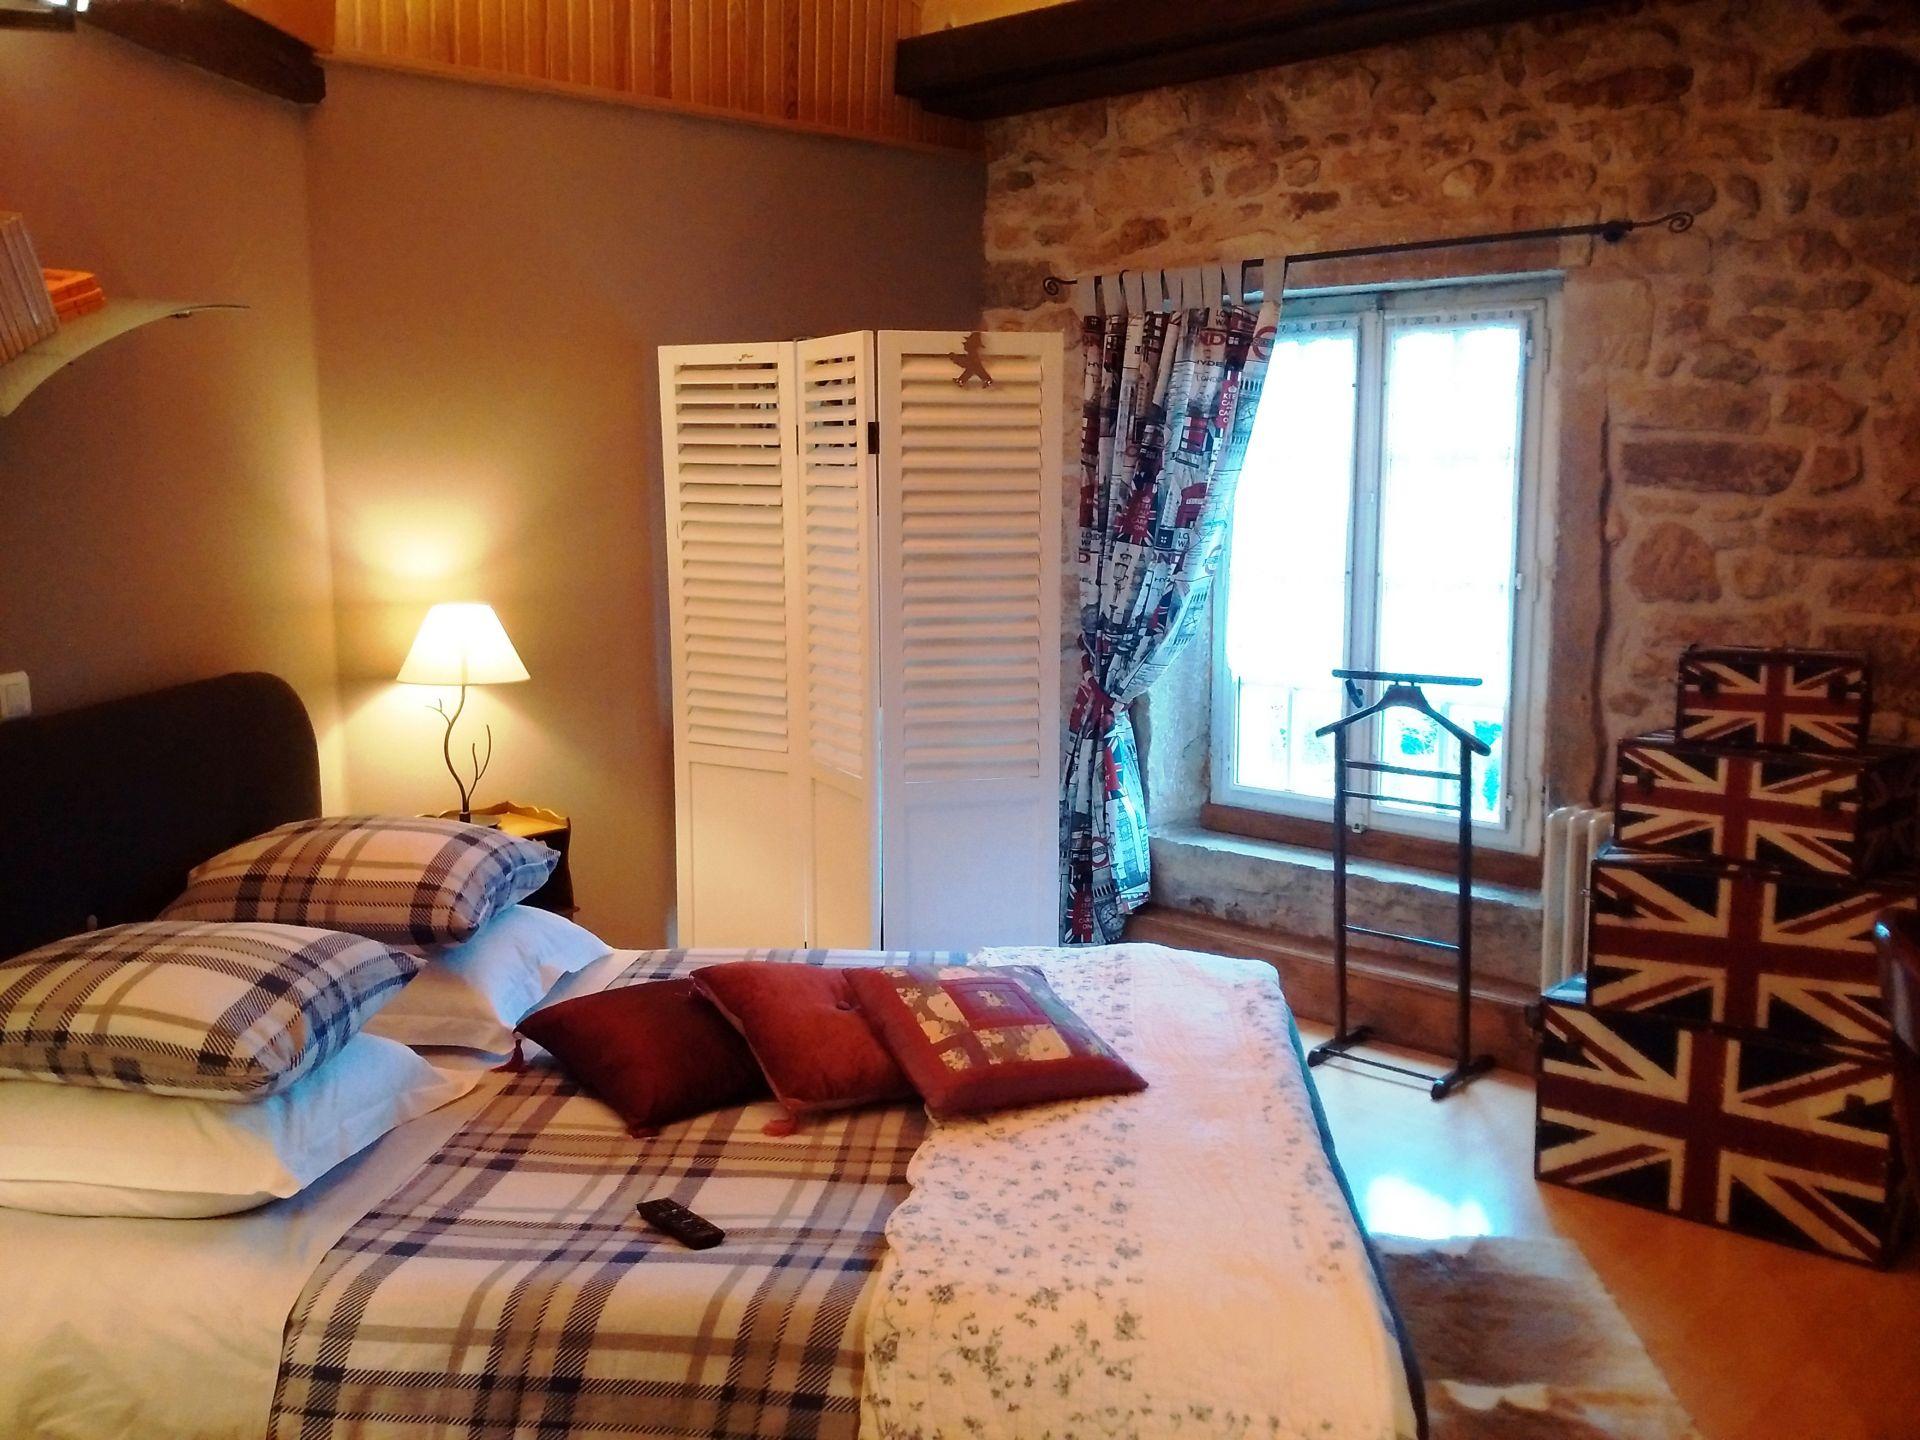 maison d arr t epinal ventana blog. Black Bedroom Furniture Sets. Home Design Ideas